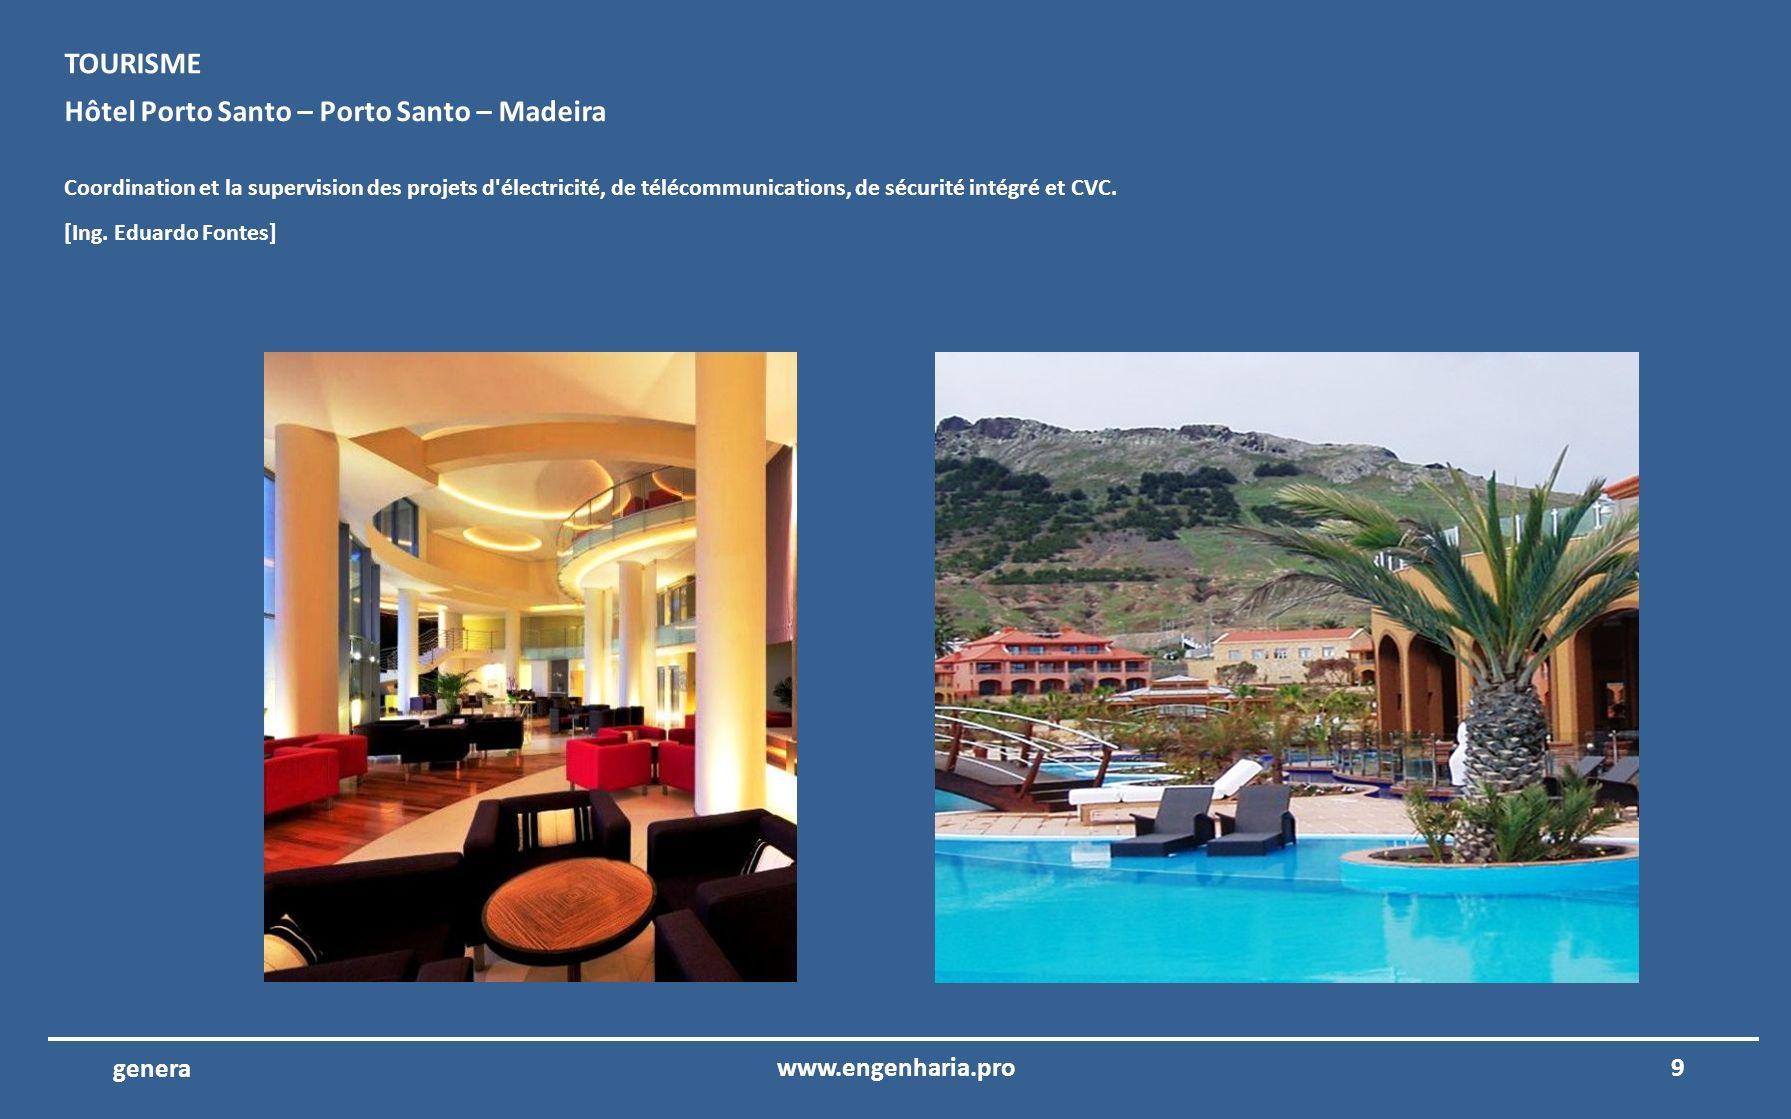 Hôtel Porto Santo – Porto Santo – Madeira